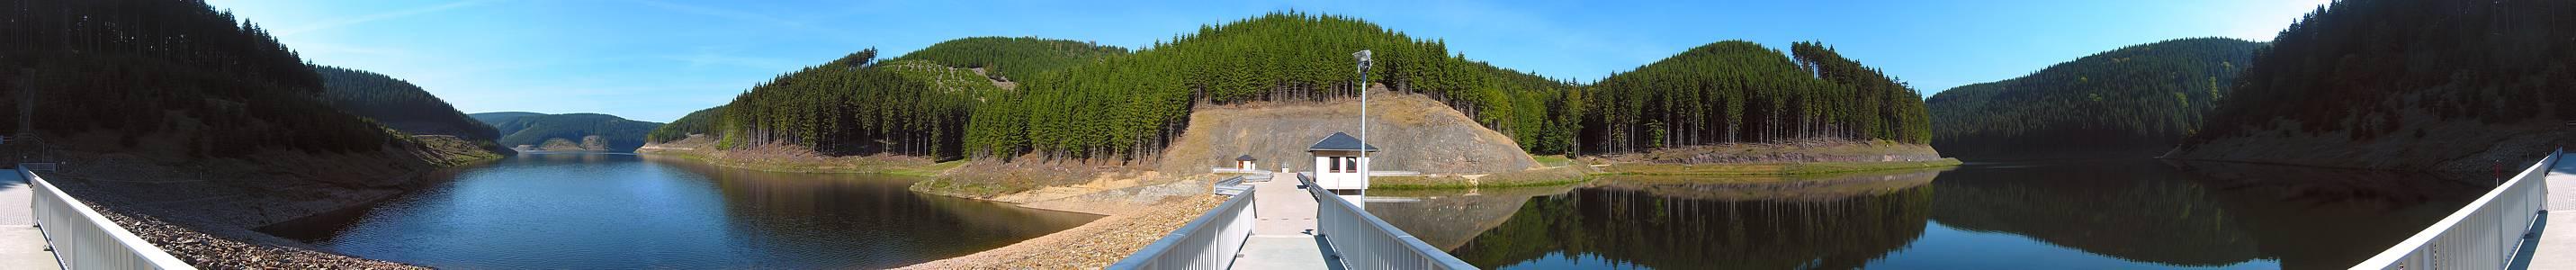 Unterbecken und Vorsperre (Pumpspeicherwerk Goldisthal)